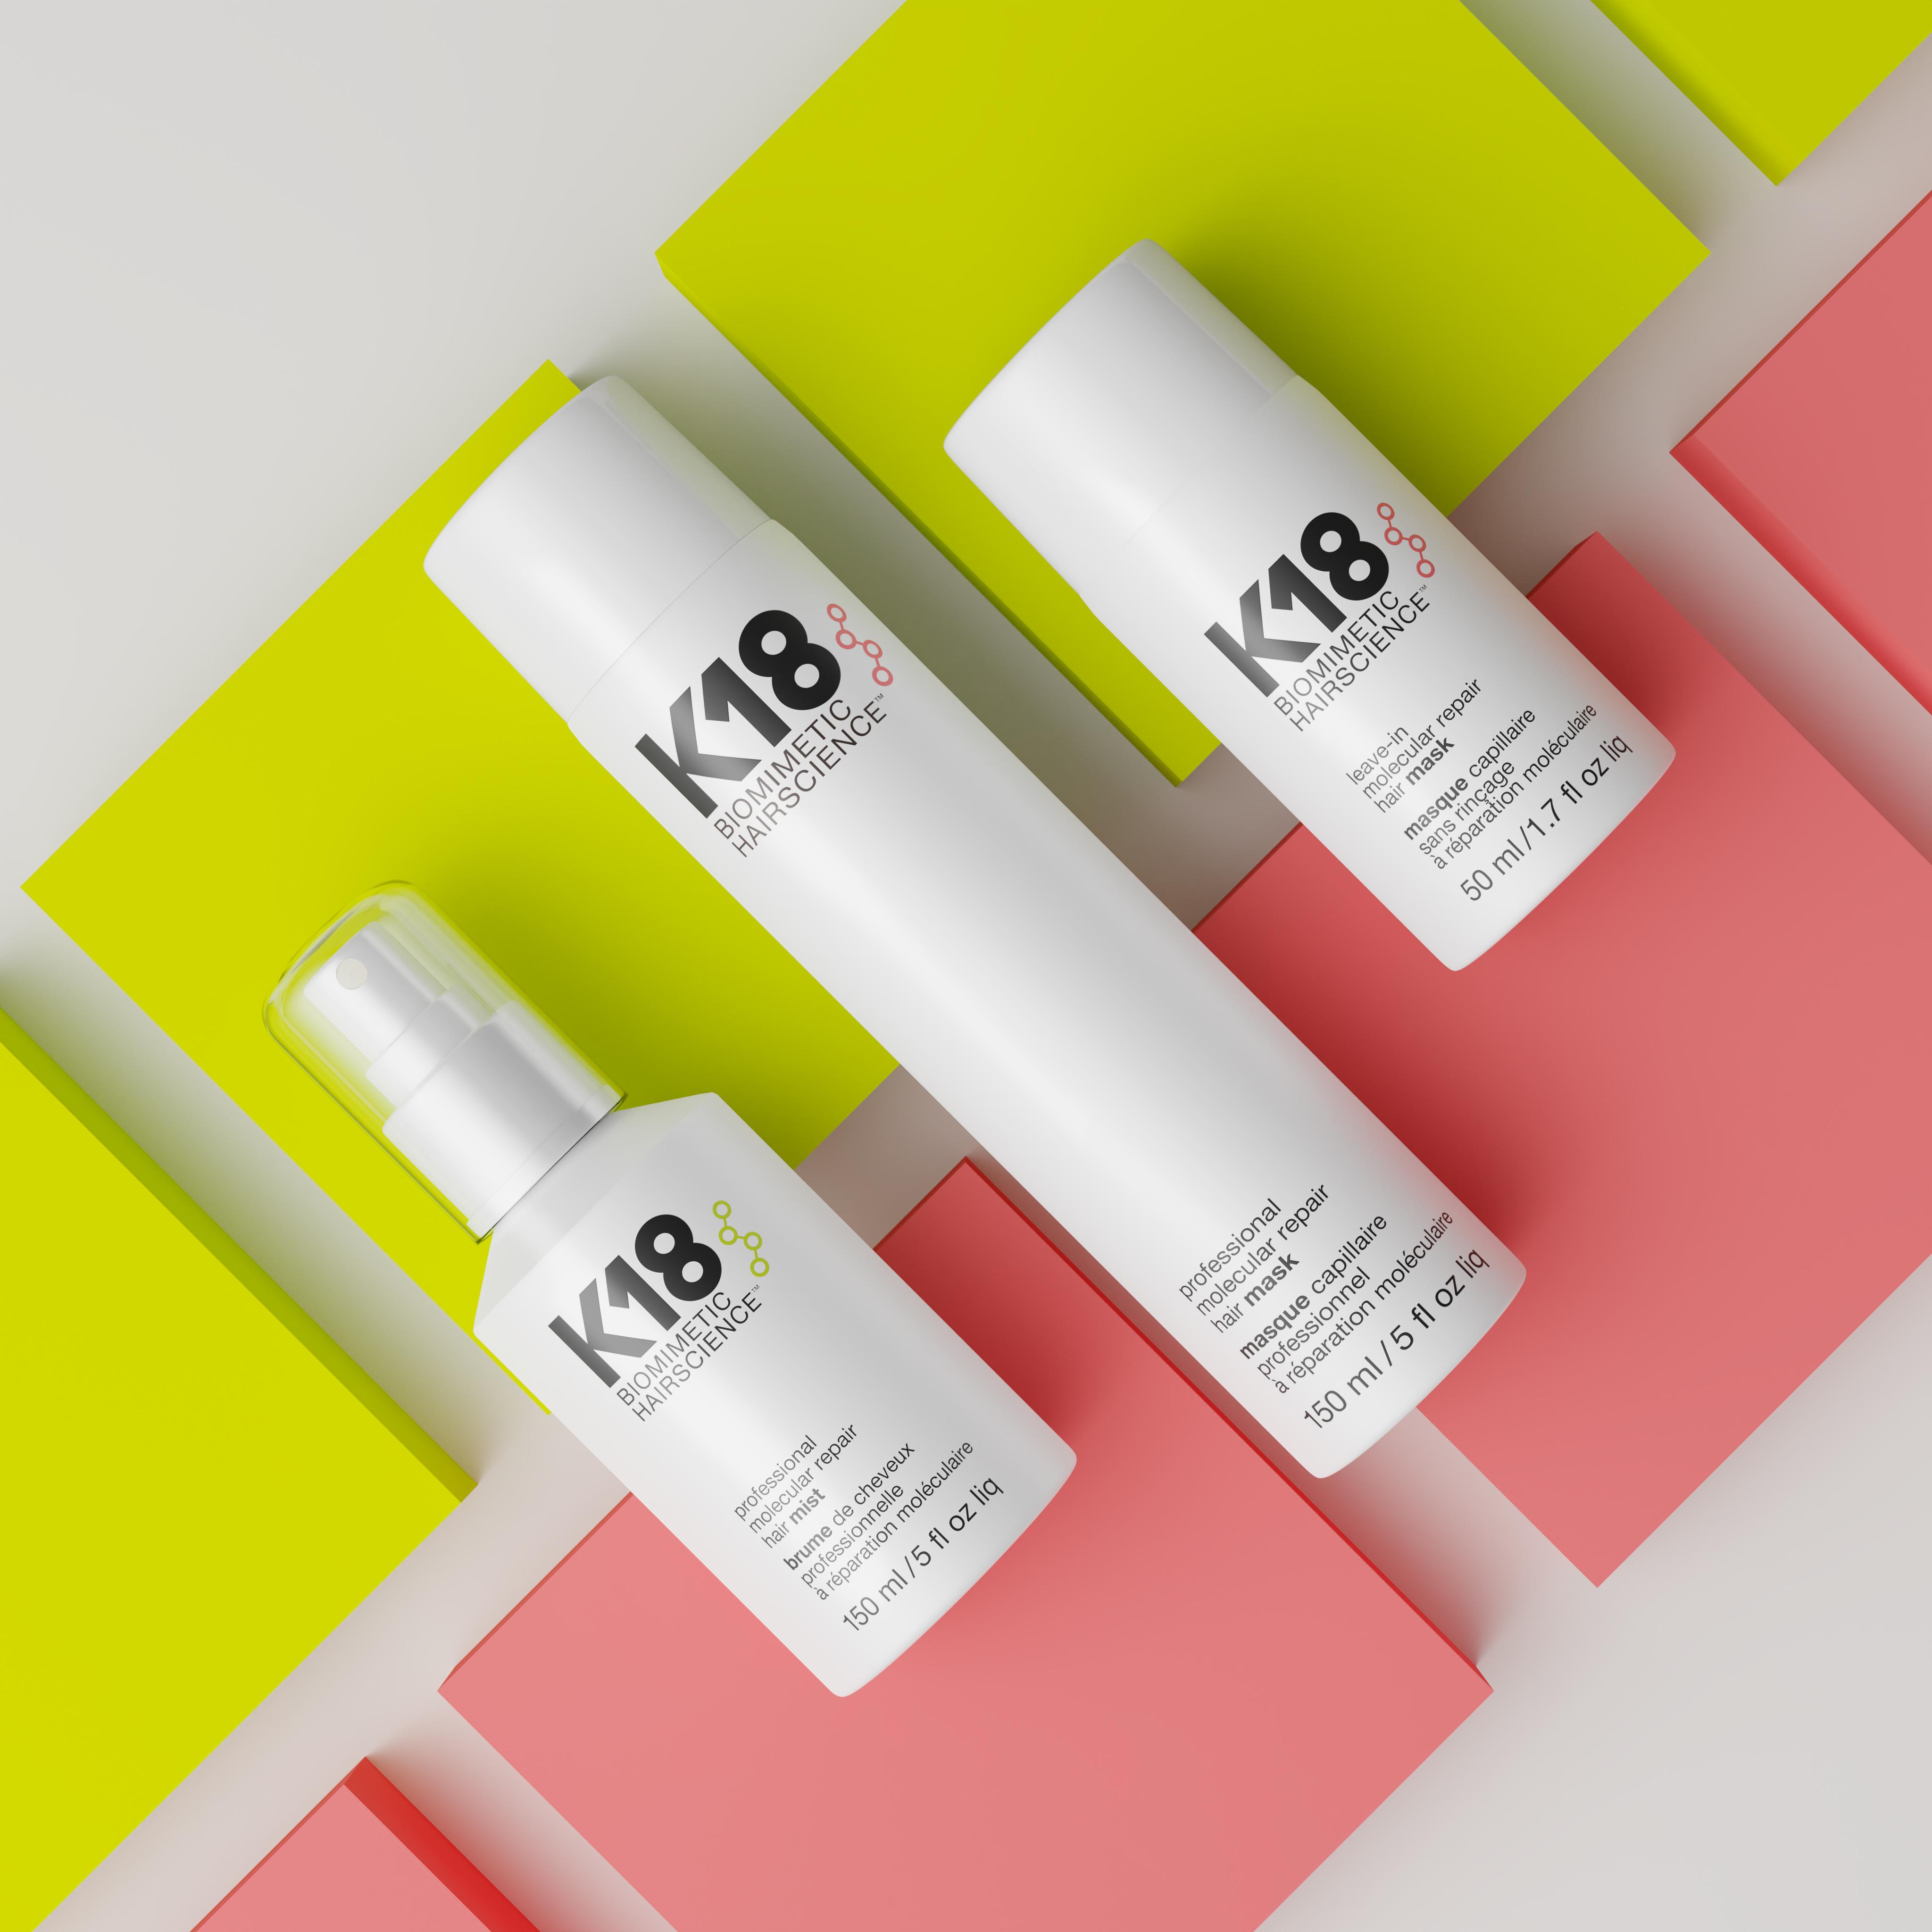 K18 Hair Range